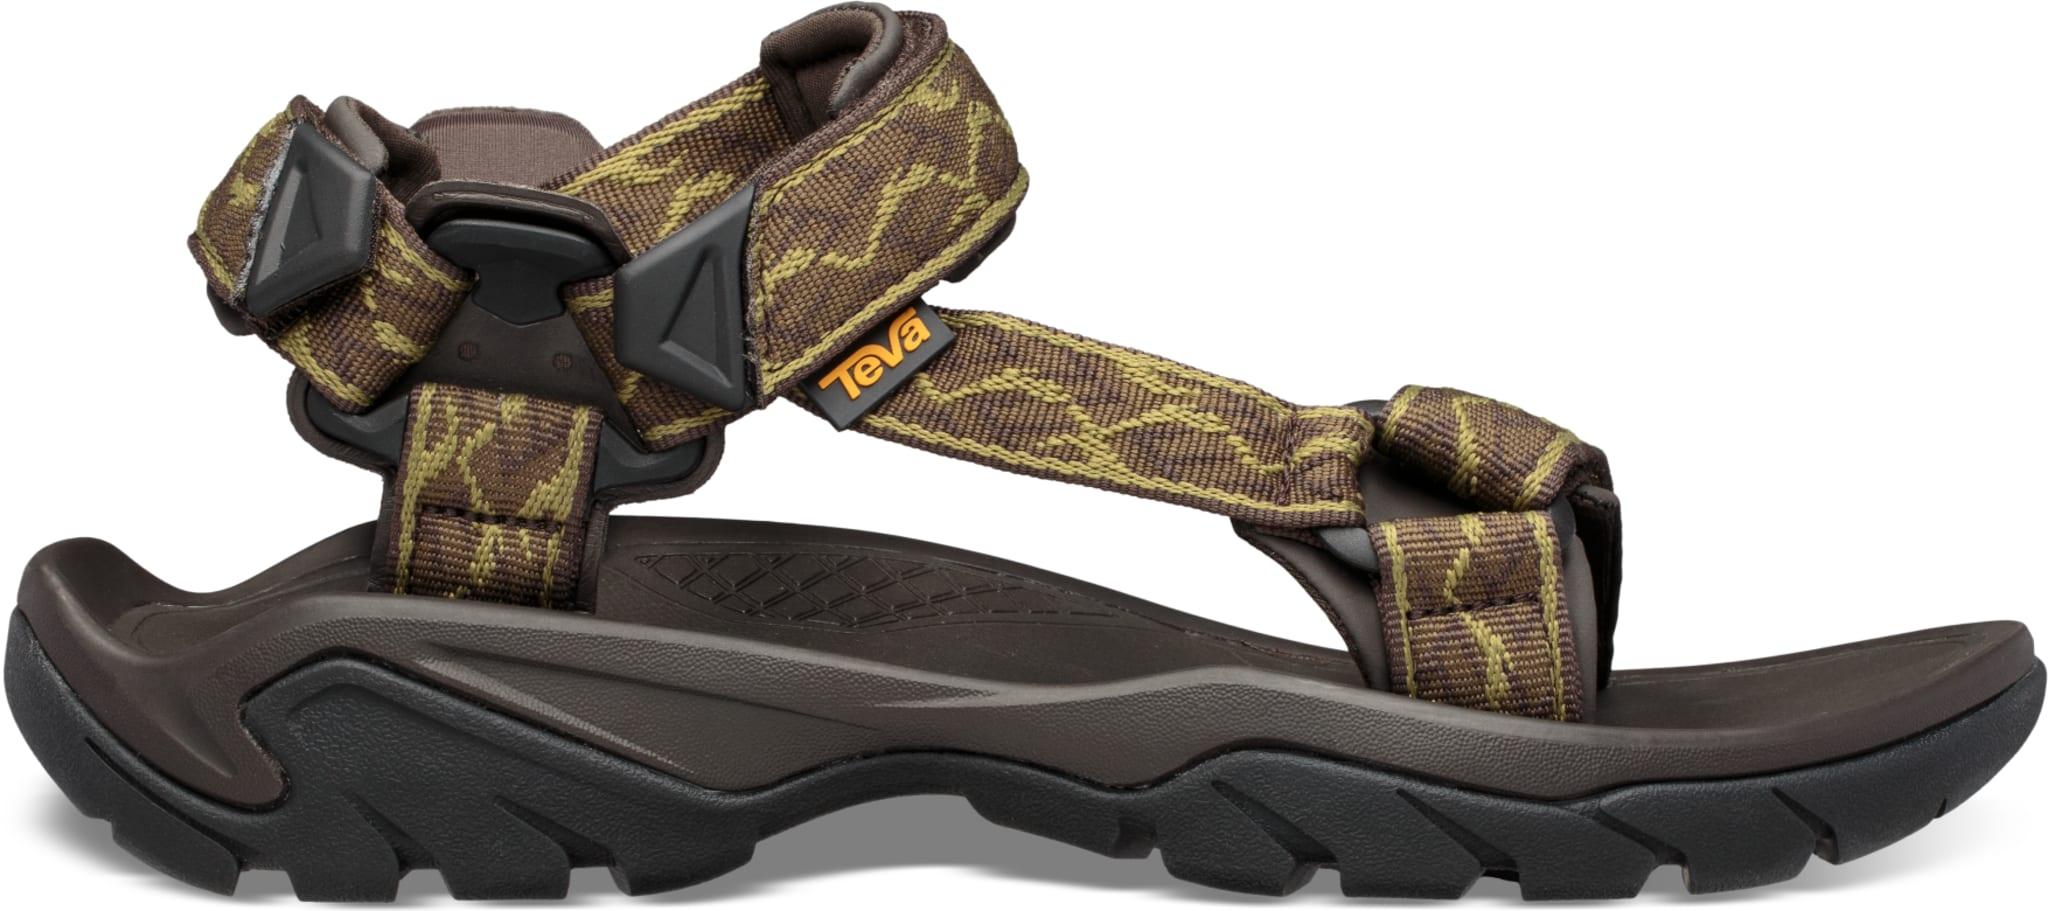 Lett og funksjonell sandal